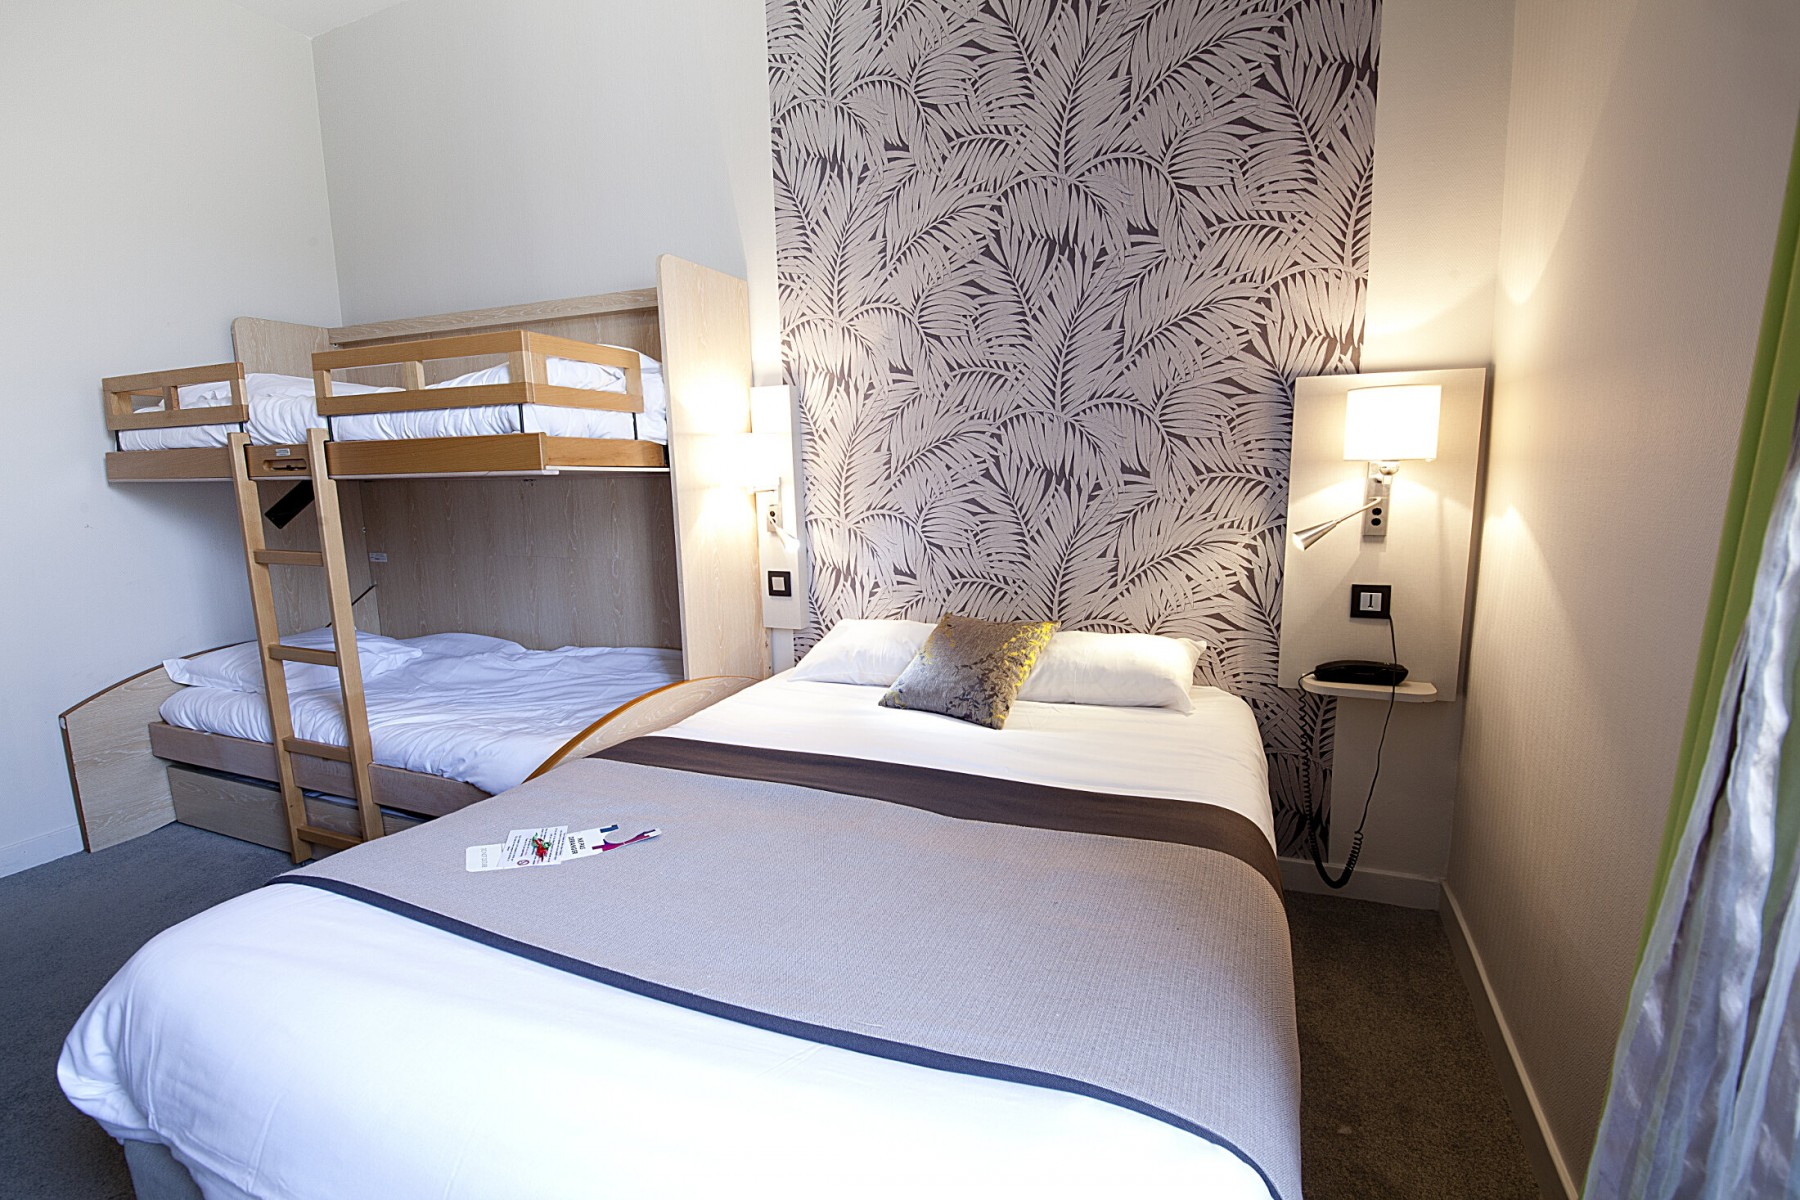 Les diff rentes chambres chambre familiale hotel - Chambre du commerce clermont ferrand ...